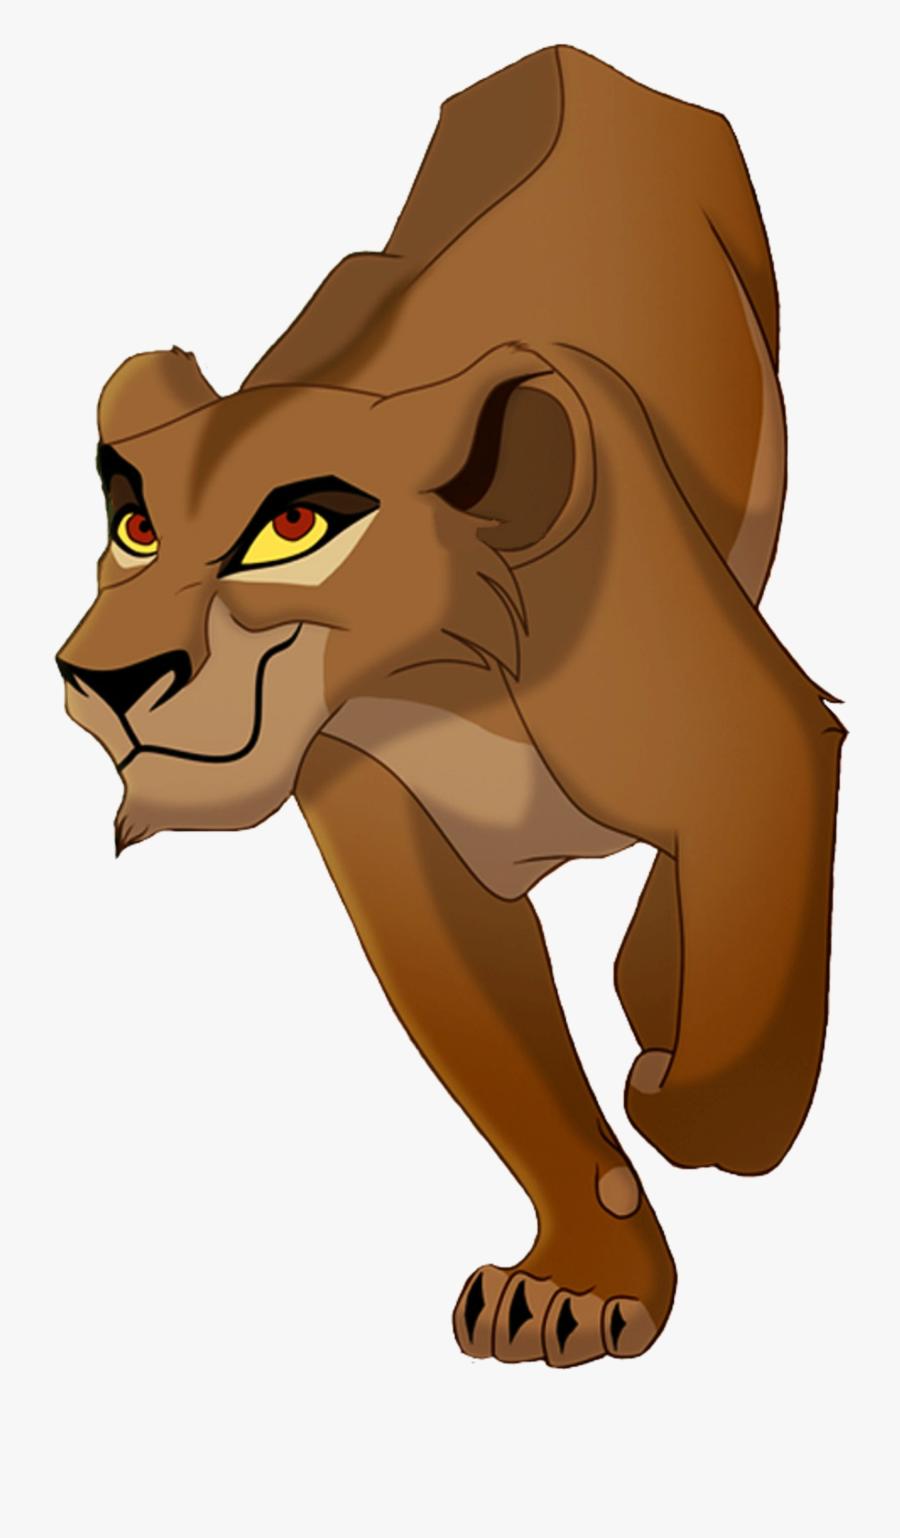 Lion King Png, Transparent Lion King Png Image Free - Zira The Lion King, Transparent Clipart